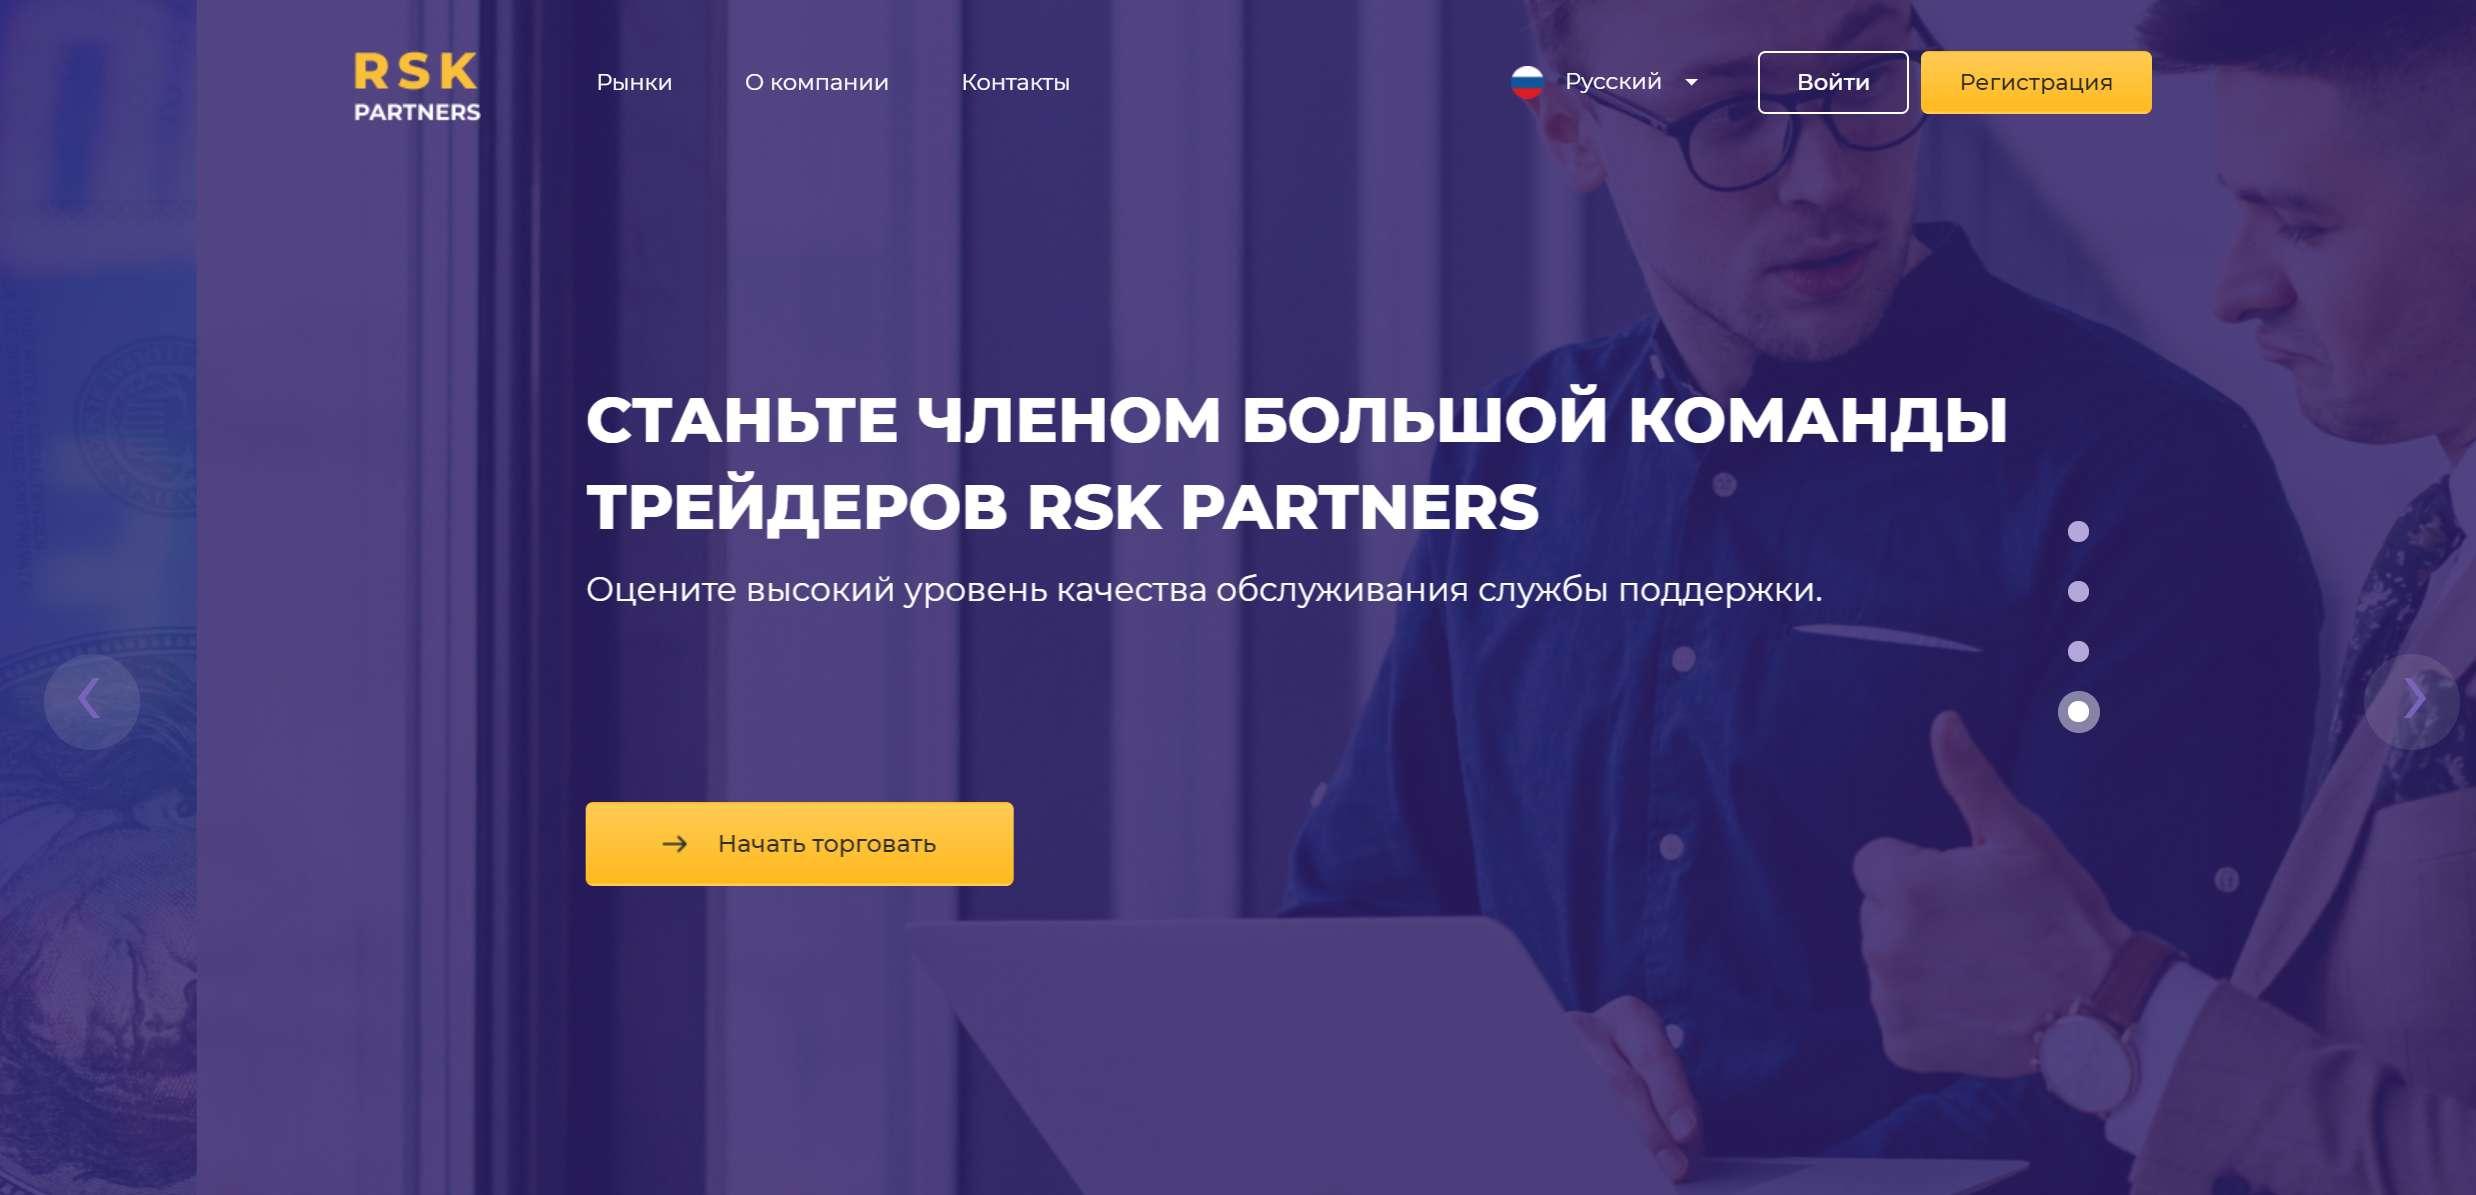 Псевдоброкер Rsk Partners - Давний развод. Кратко отзывы и обзор.